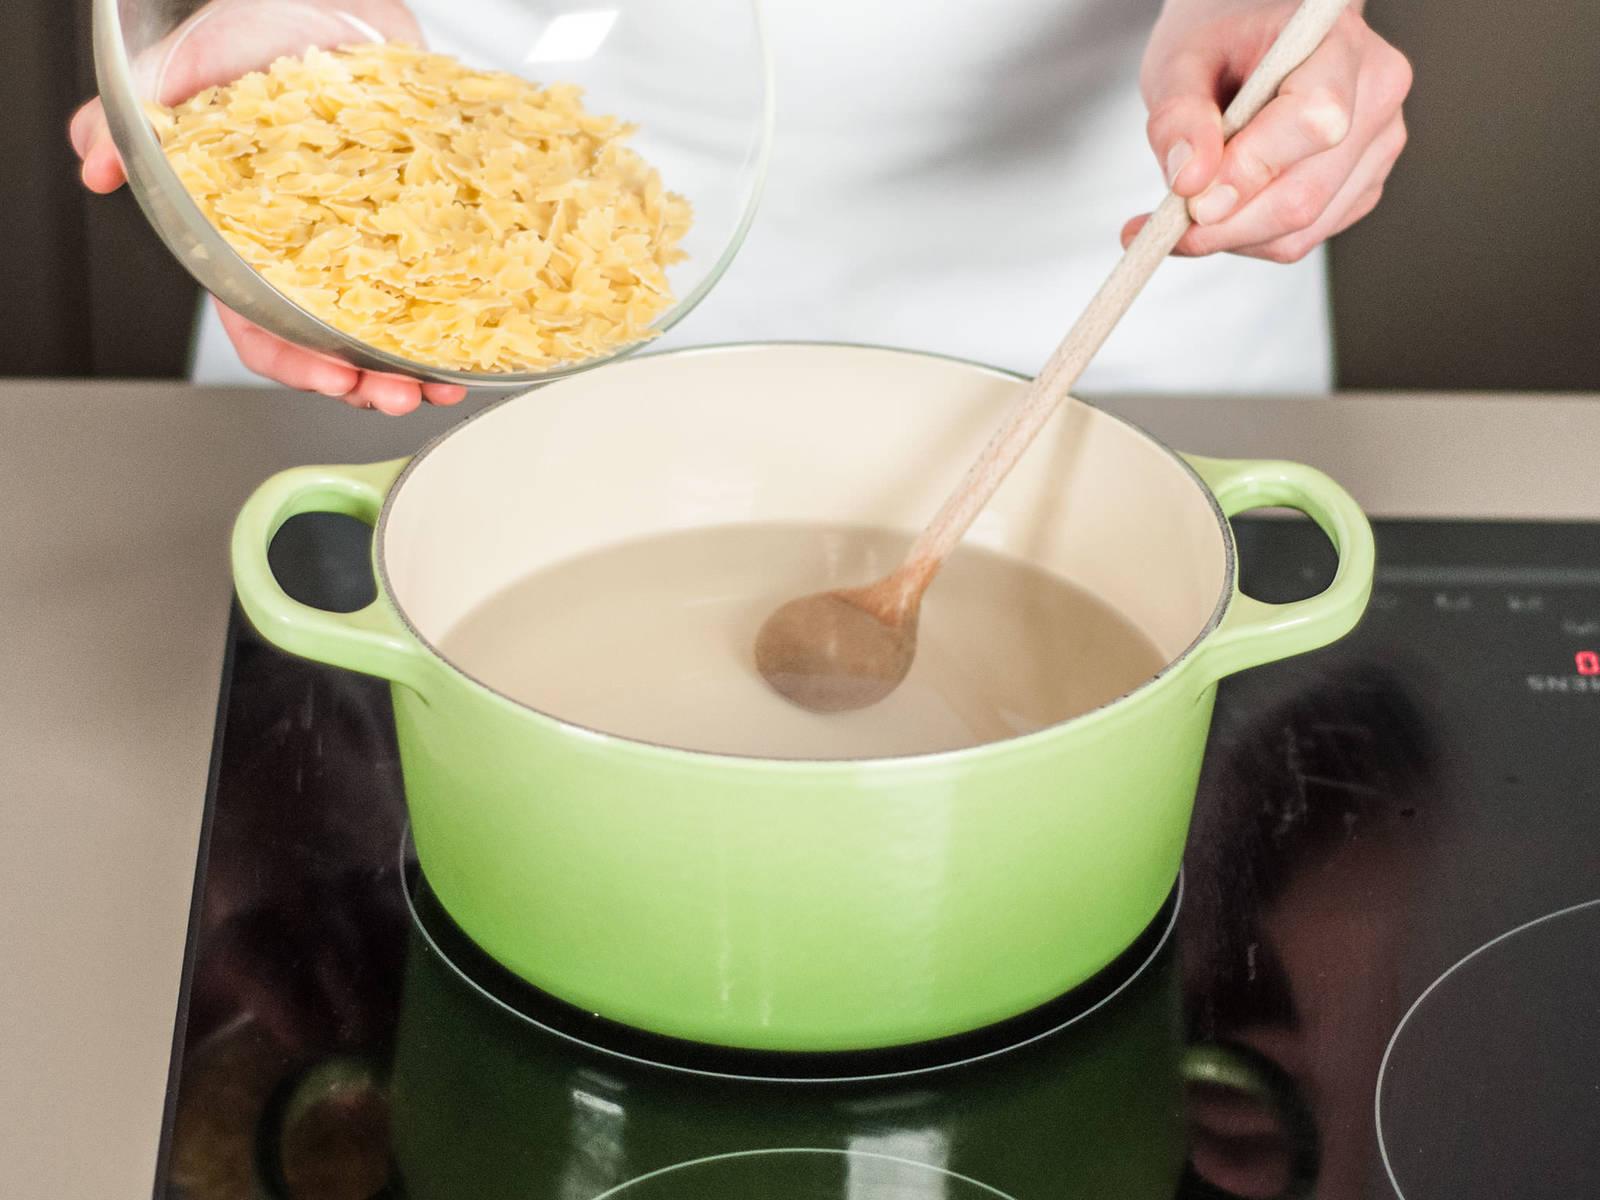 按照包装上的说明,将意面放入煮沸的盐水中煮8-10分钟。盛出后沥干备用。